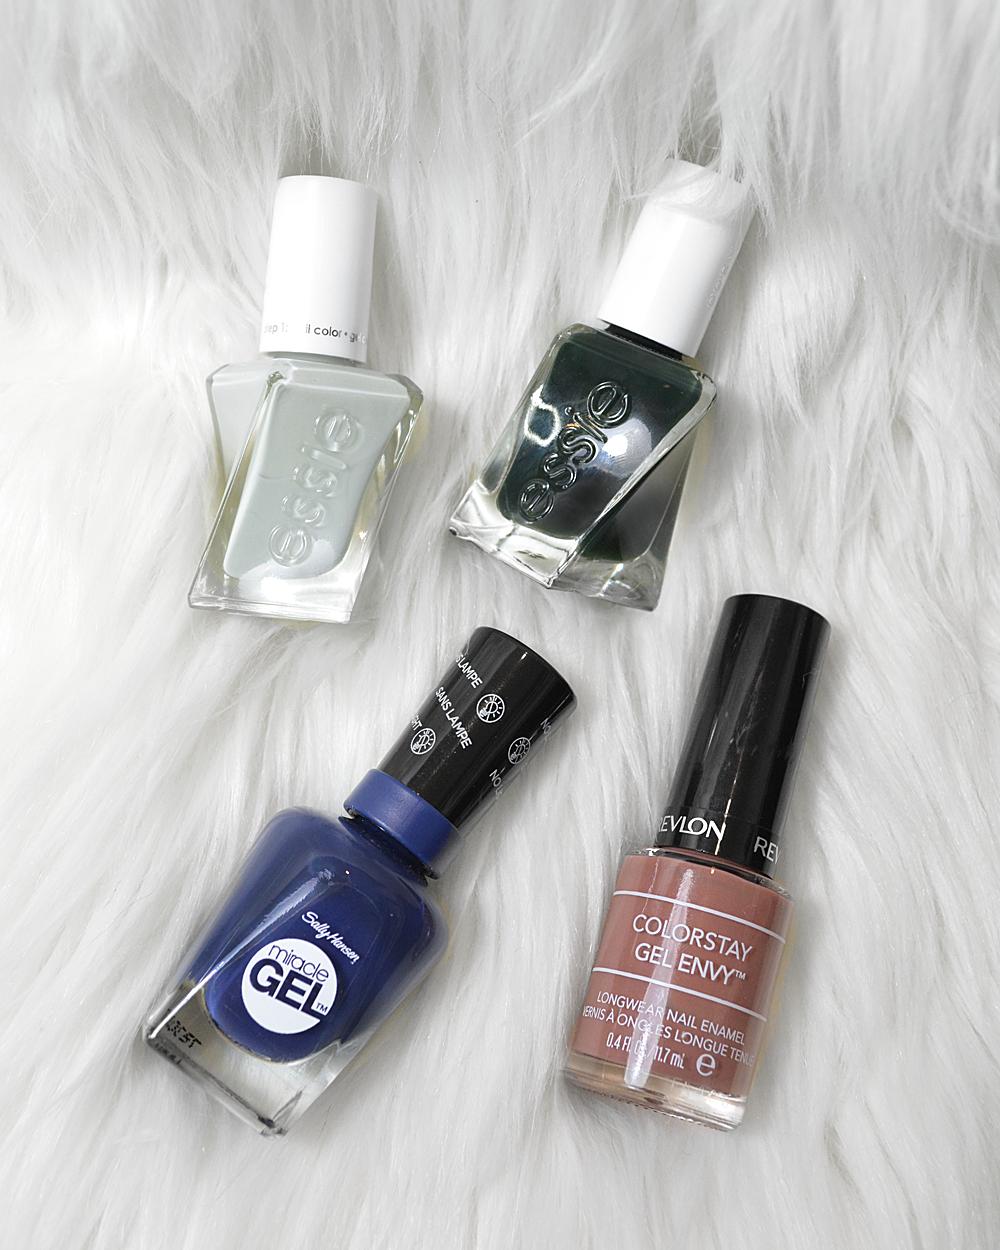 gel-nail-polish-picks.jpg